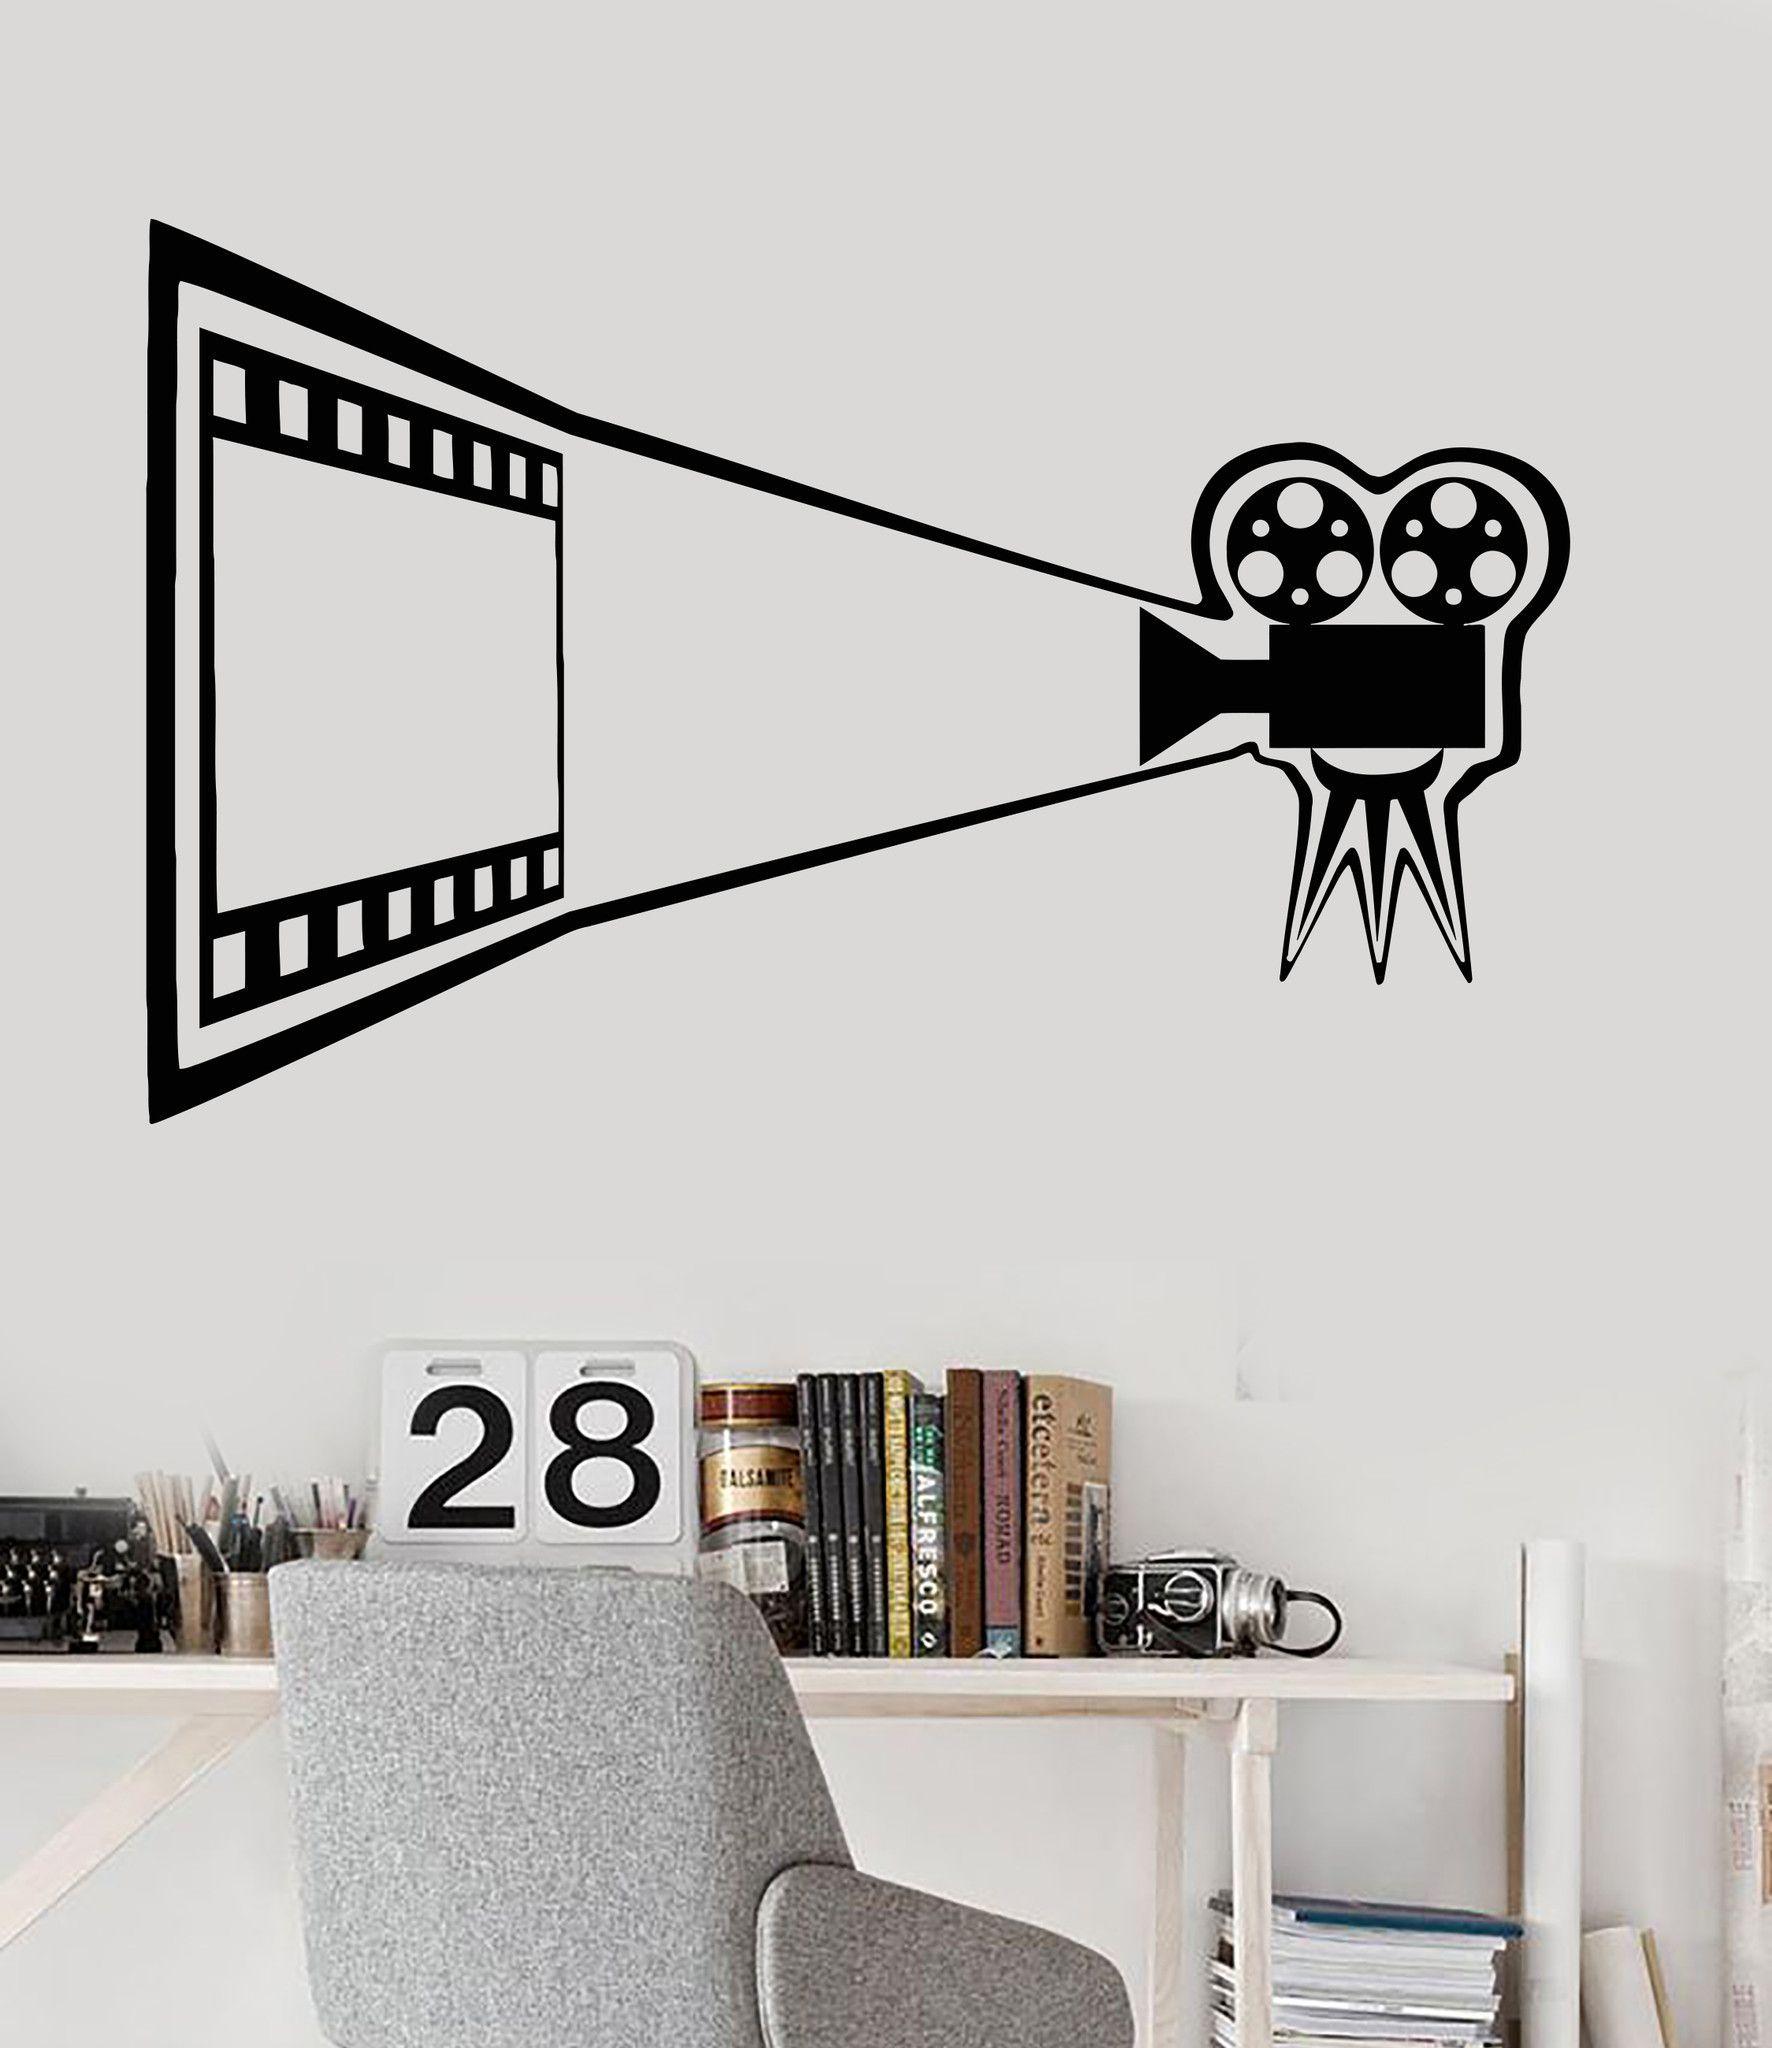 Clapper Board Inspired Design Film Retro Home Decor Wall Art Decal Vinyl Sticker